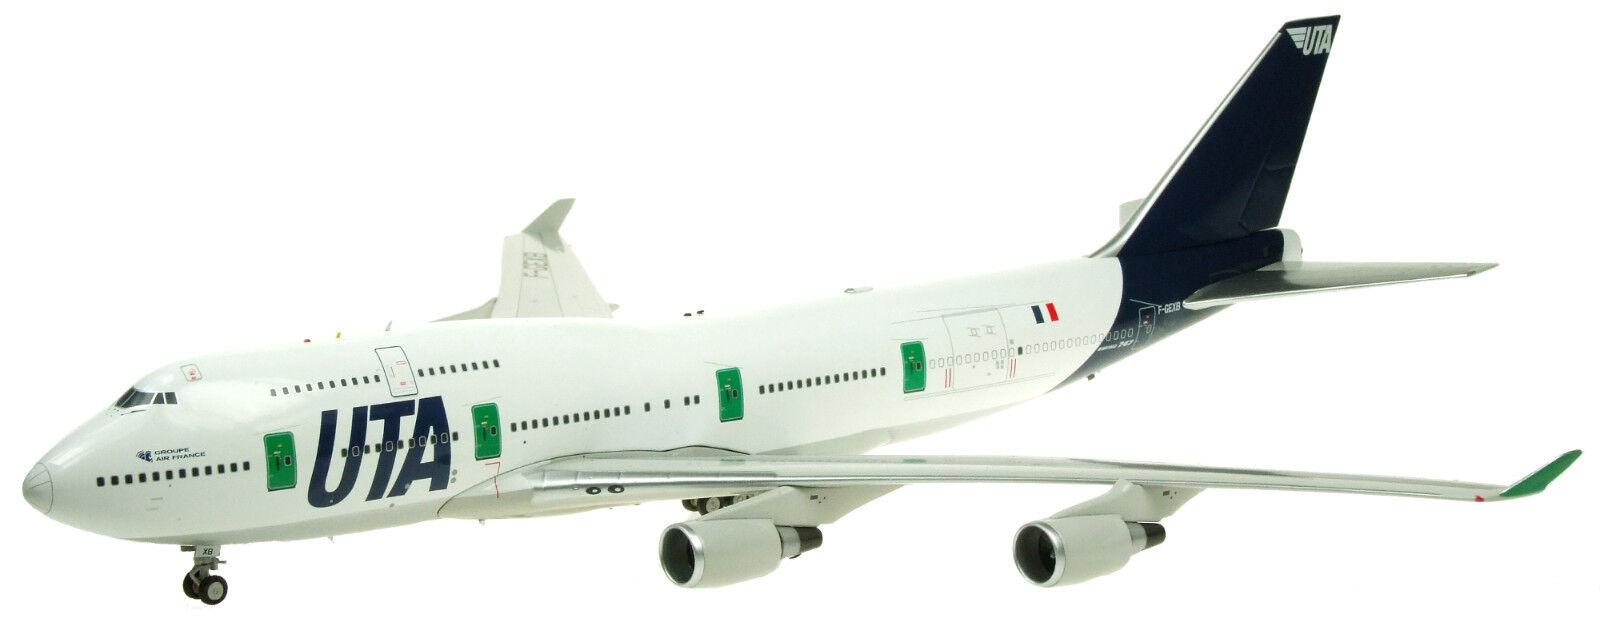 Fliegender 200 If744uta003 1 200 Uta Boeing 747-400 F-Gexb inklusive Ständer